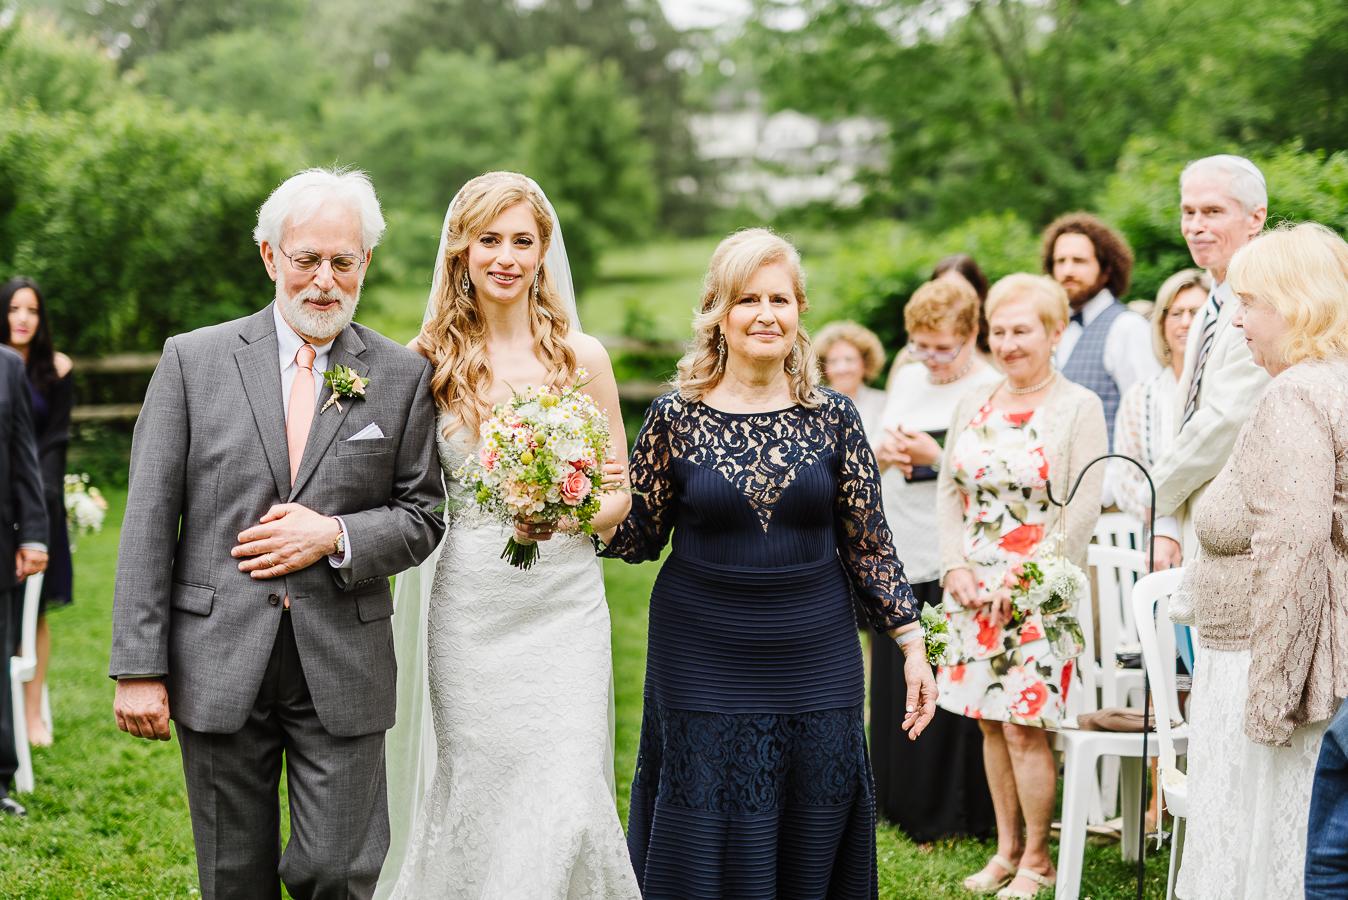 Stylish Crossed Keys Inn Wedding Crossed Keys Wedding Crossed Keys Inn Andover NJ Longbrook Photography-38.jpg